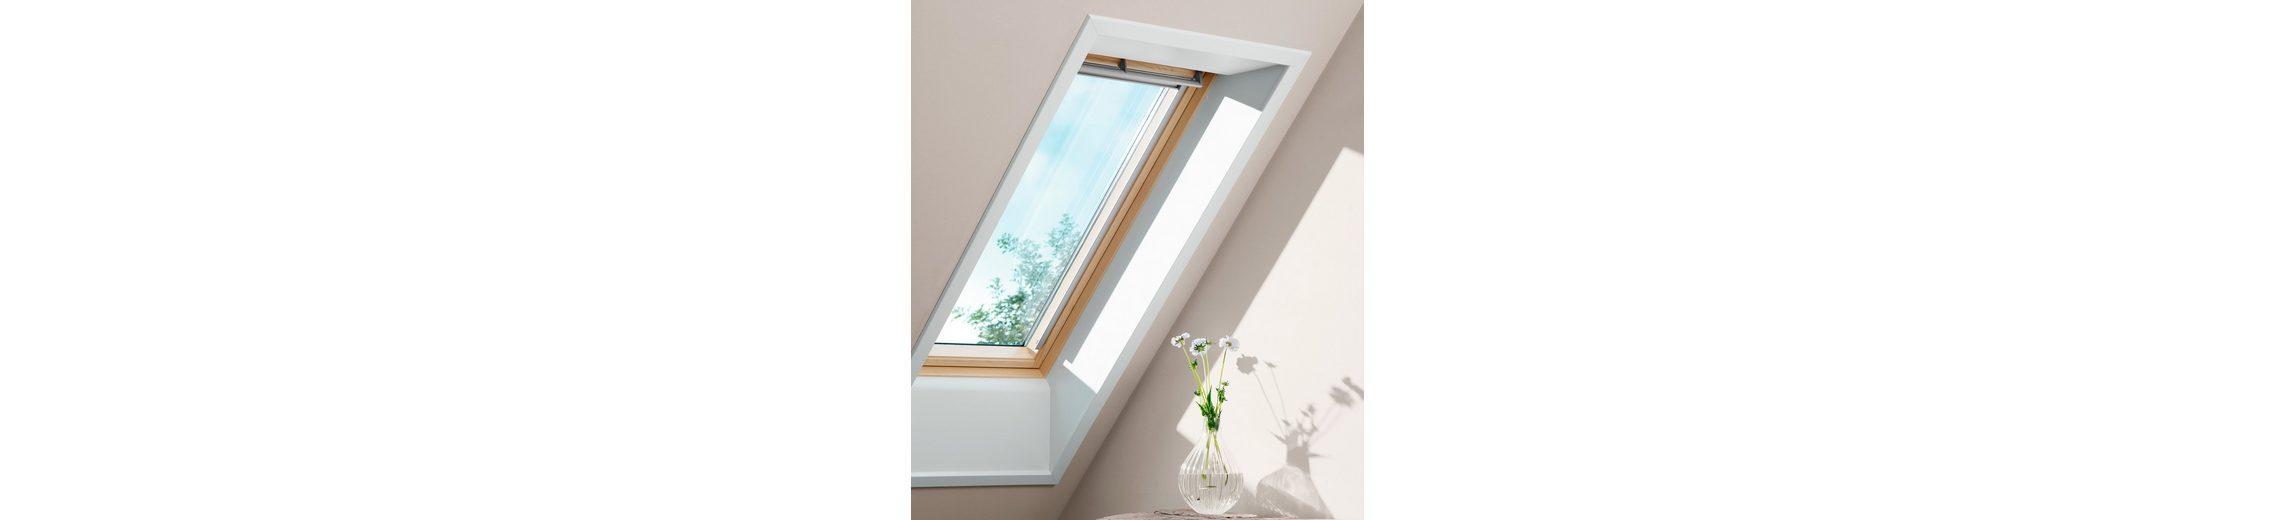 Dachfenster-Schwingfenster »GGL Holz« Größe: SK06